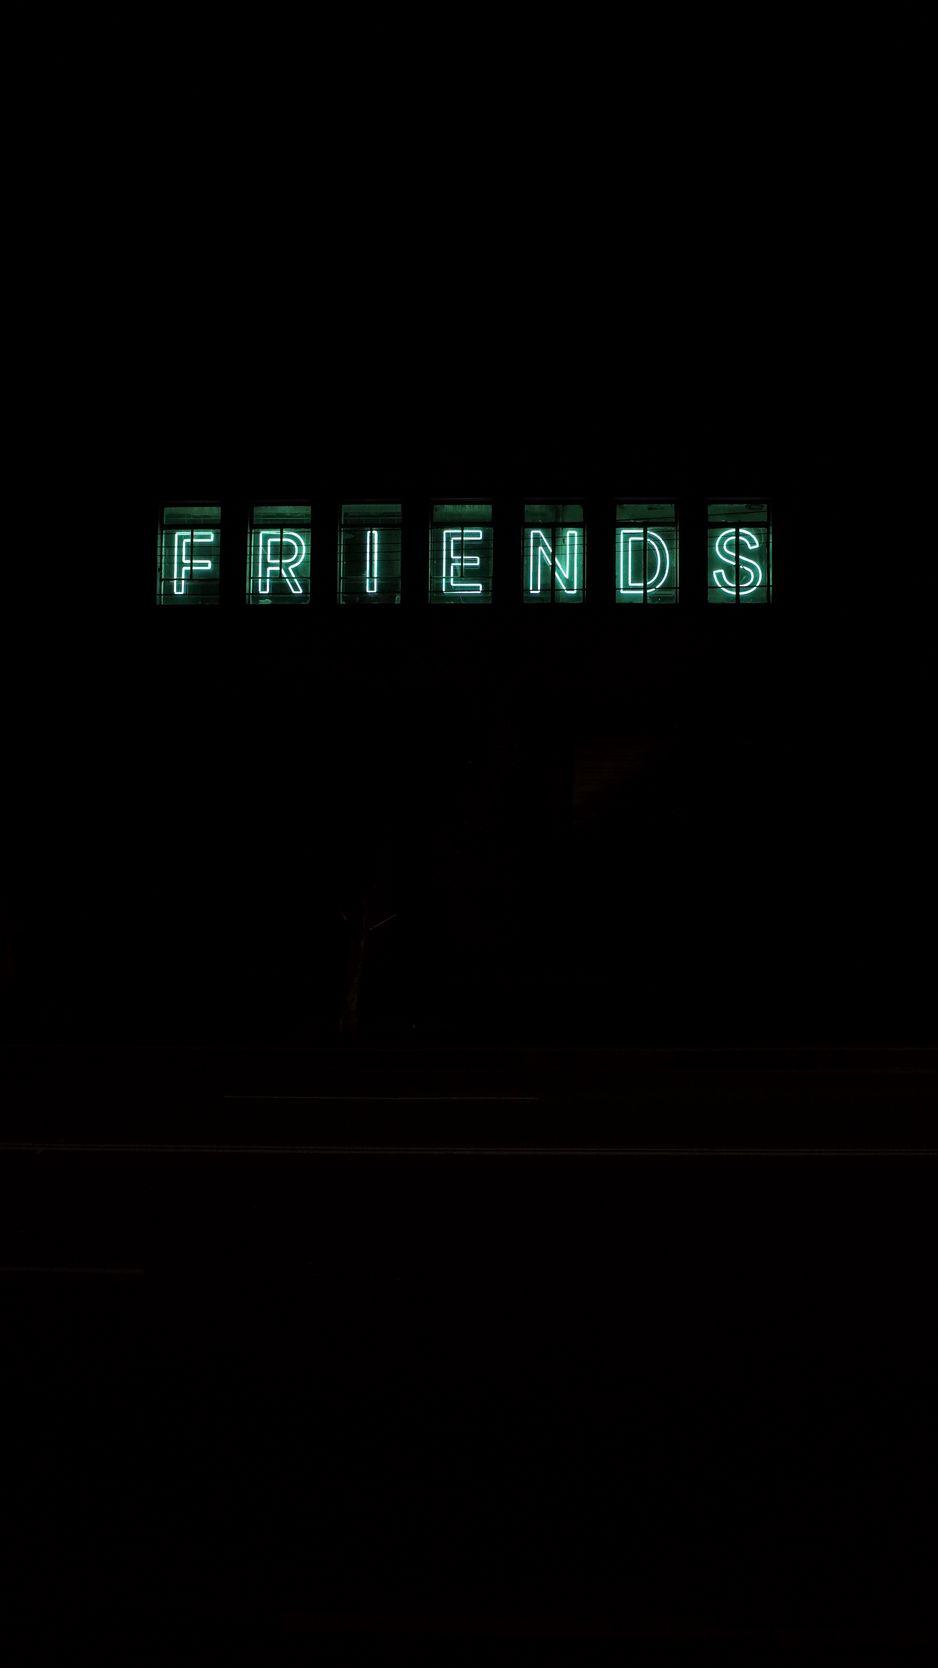 938x1668 Wallpaper friends, inscription, neon, backlight, dark, letters